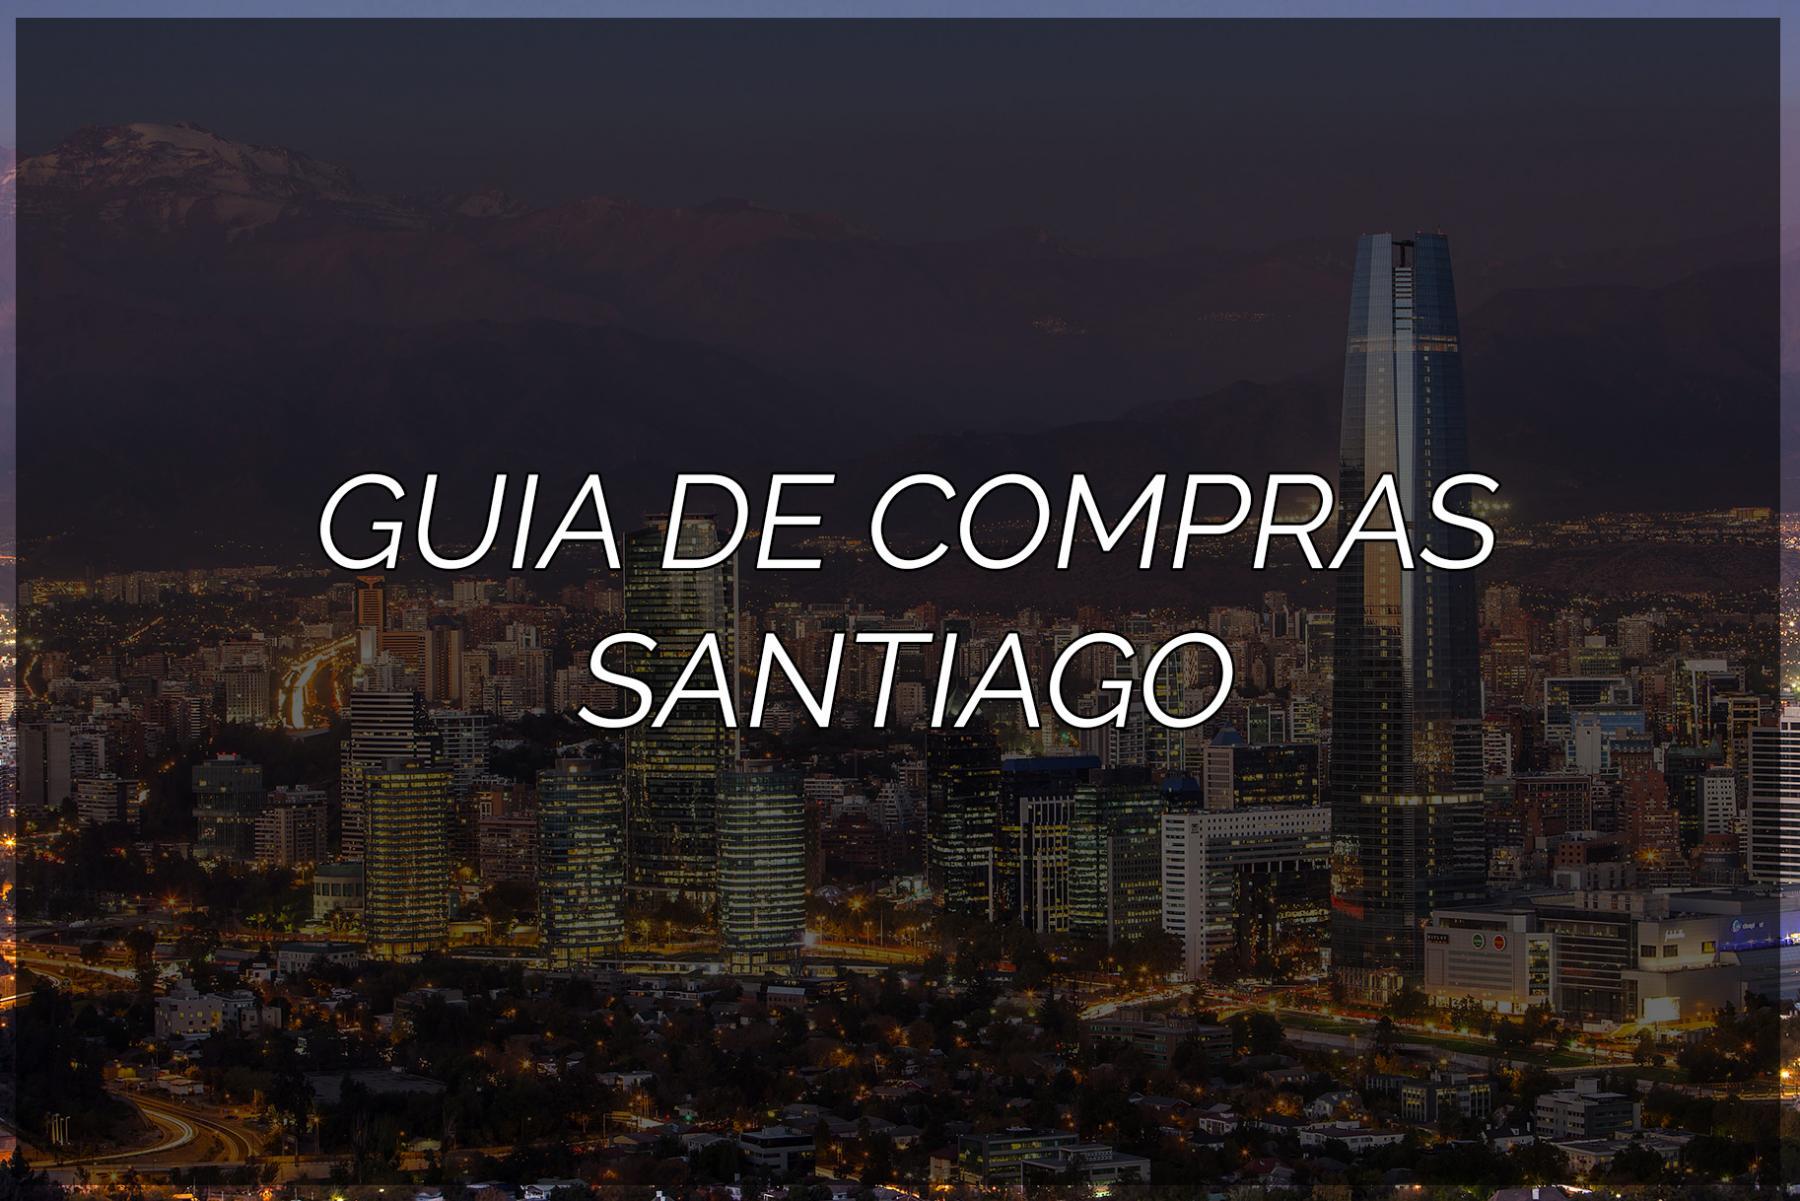 Guia de compras: Santiago